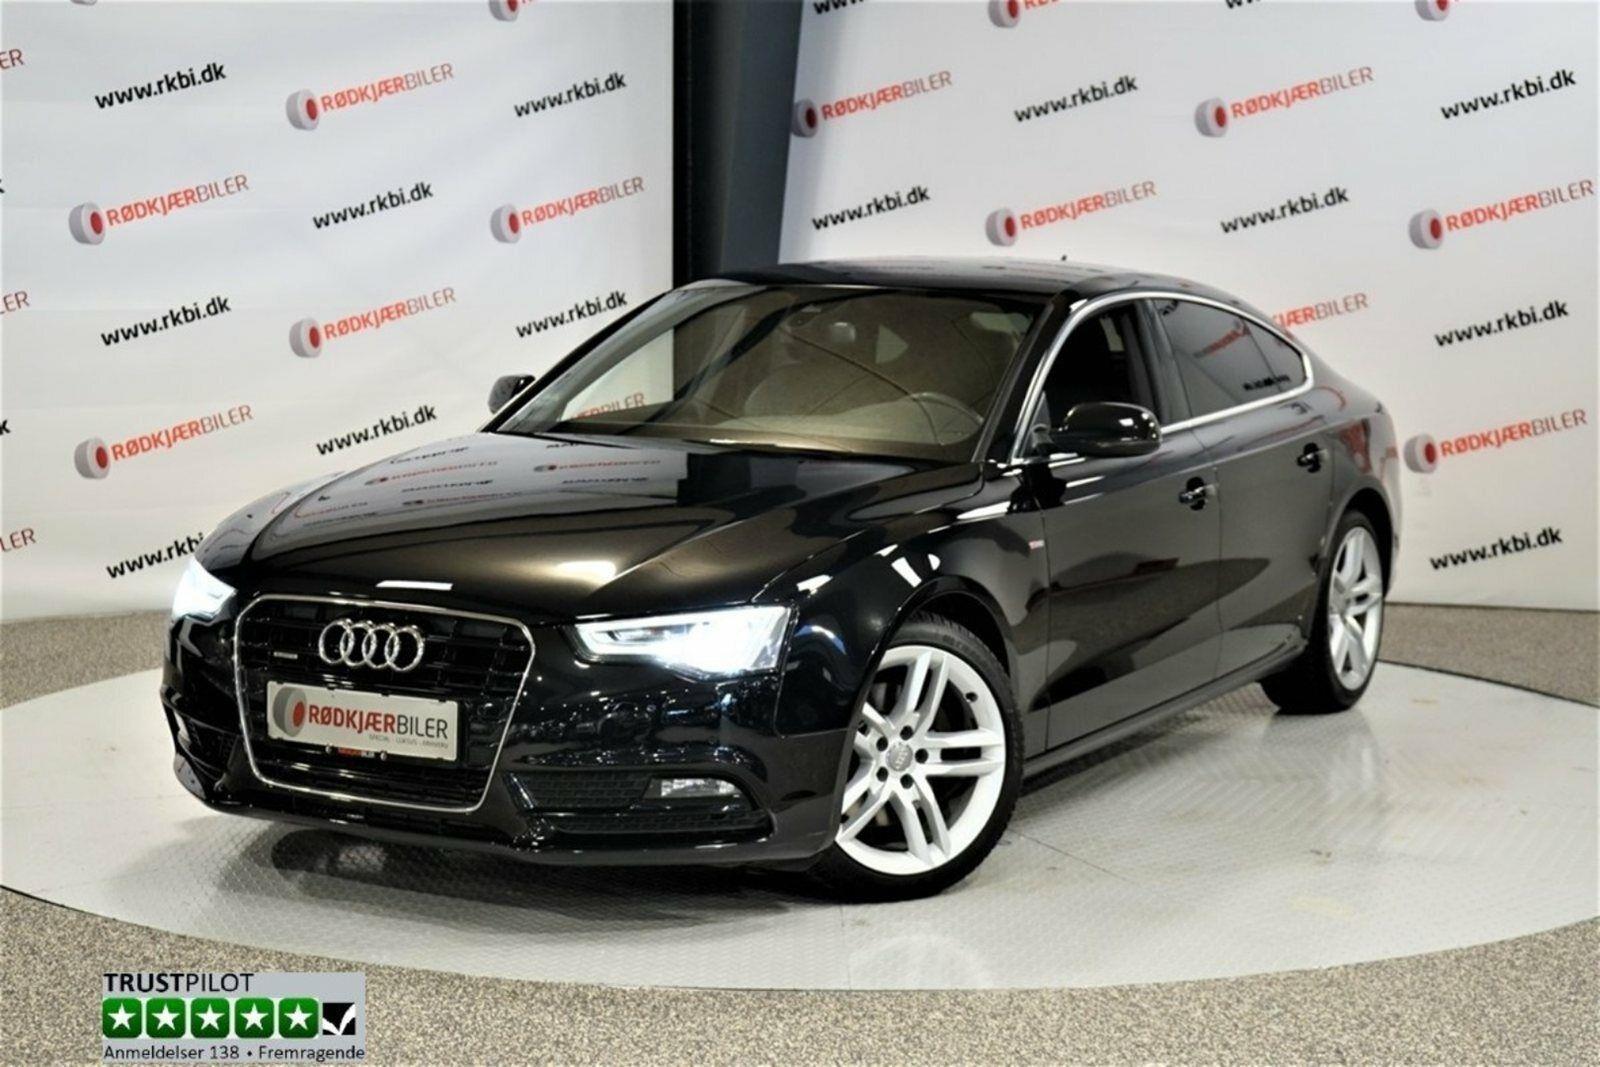 Audi A5 3,0 TDi 245 SB quattro S-tr. 5d - 269.900 kr.